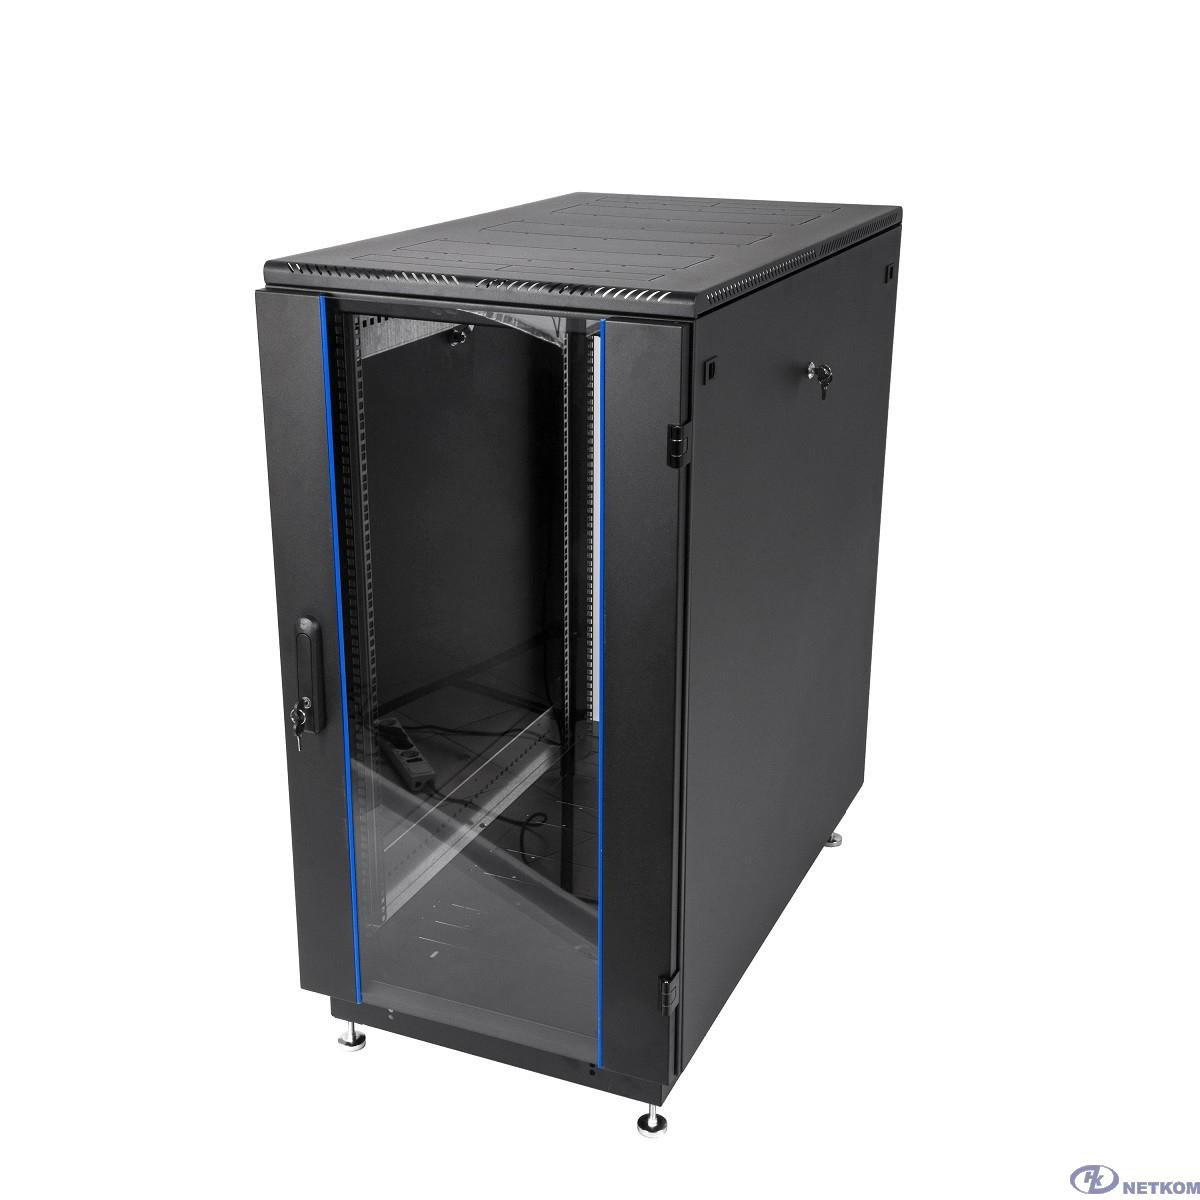 ЦМО Шкаф телекоммуникационный напольный 27U (600x600) дверь стекло, цвет чёрный (ШТК-М-27.6.6-1ААА-9005) (2 коробки)